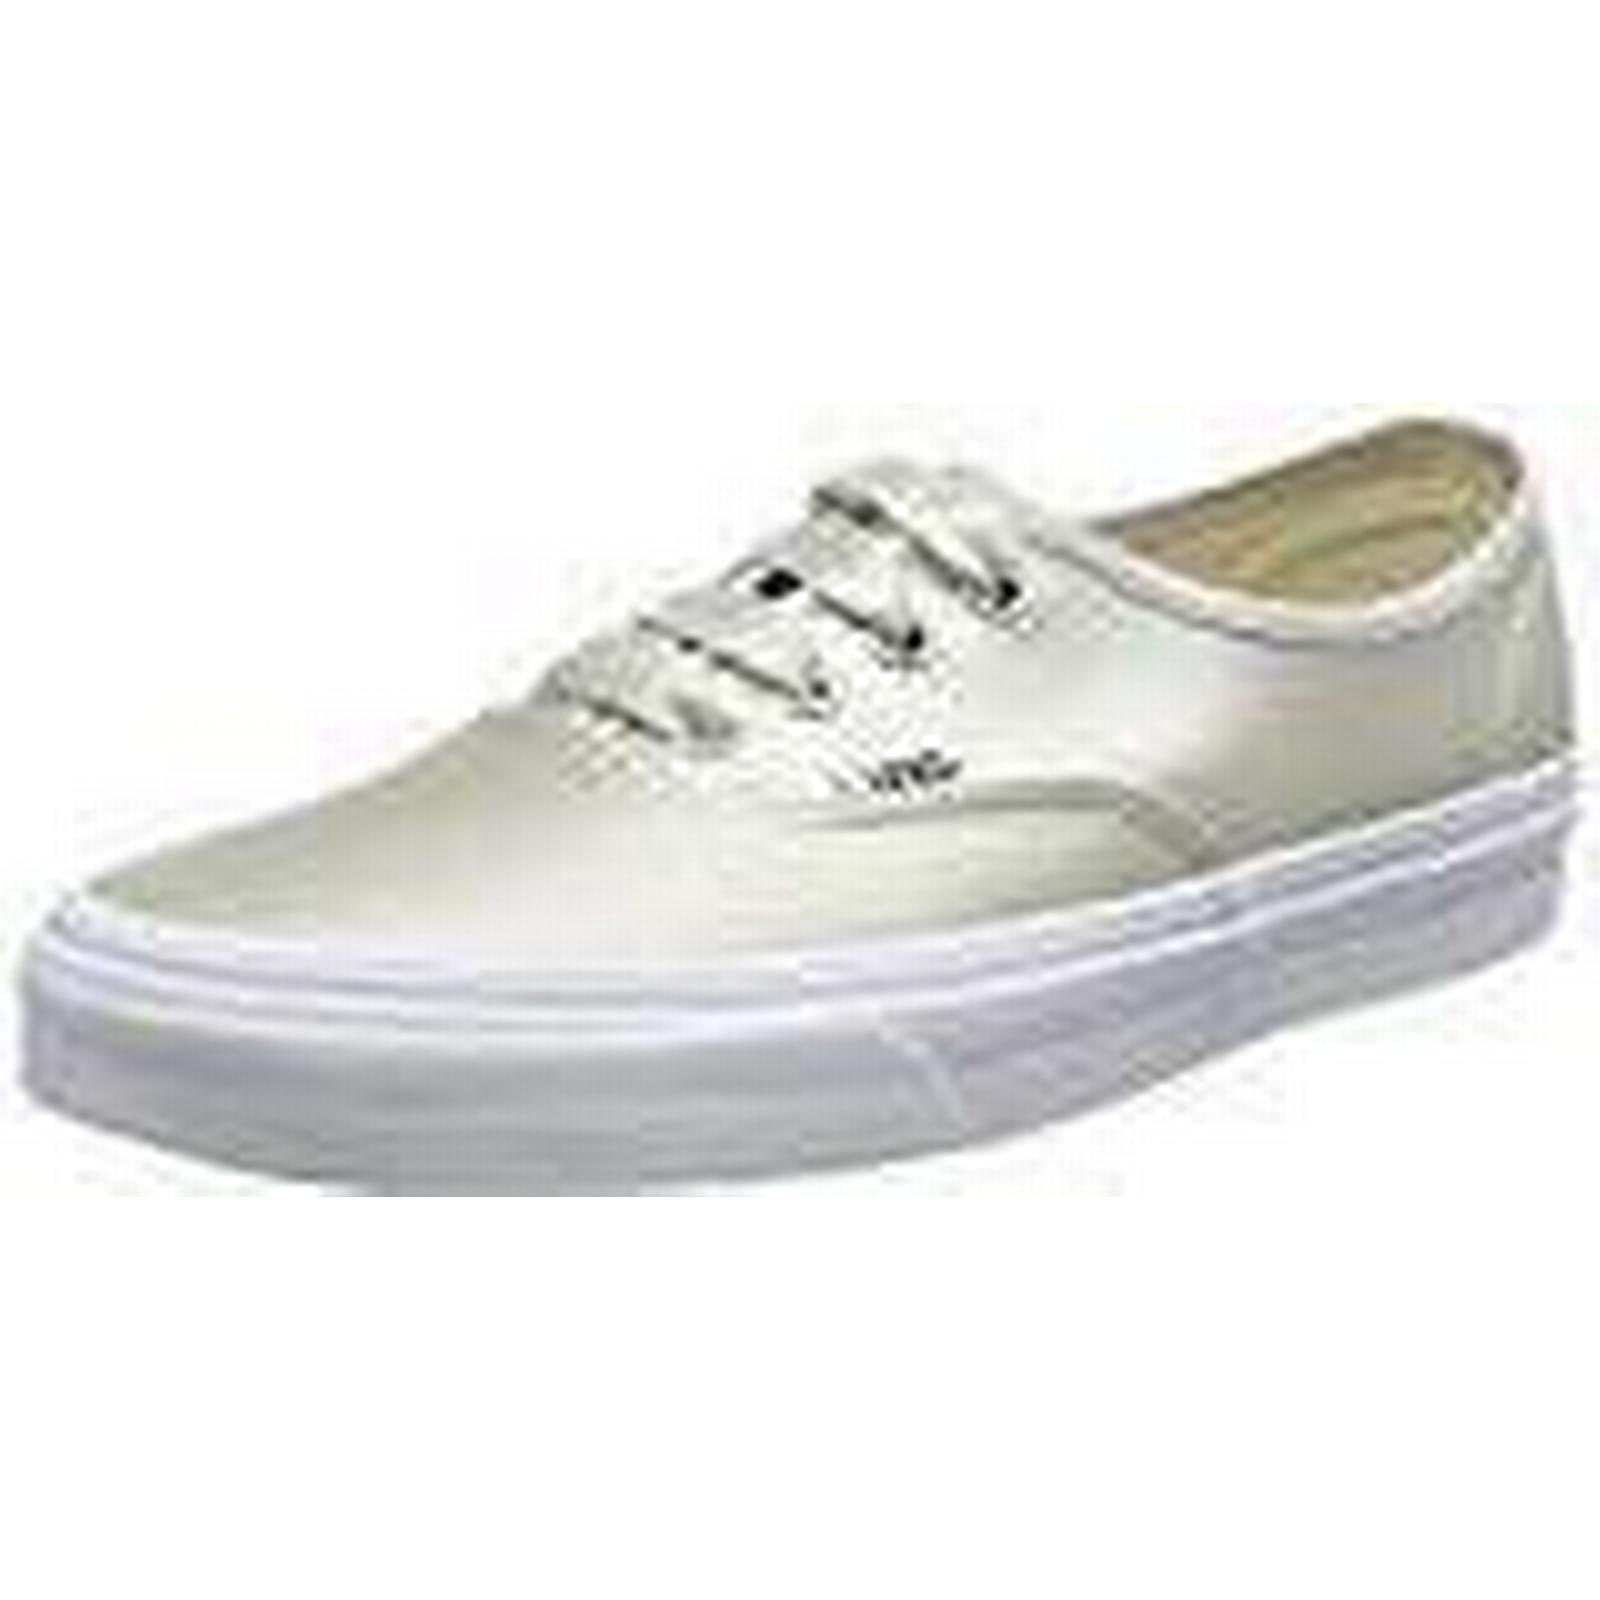 Vans Women's Authentic Trainers, Beige (Satin Lux) 3.5 Light Silver/True White Q9j, 3.5 Lux) UK 36 EU b28a44